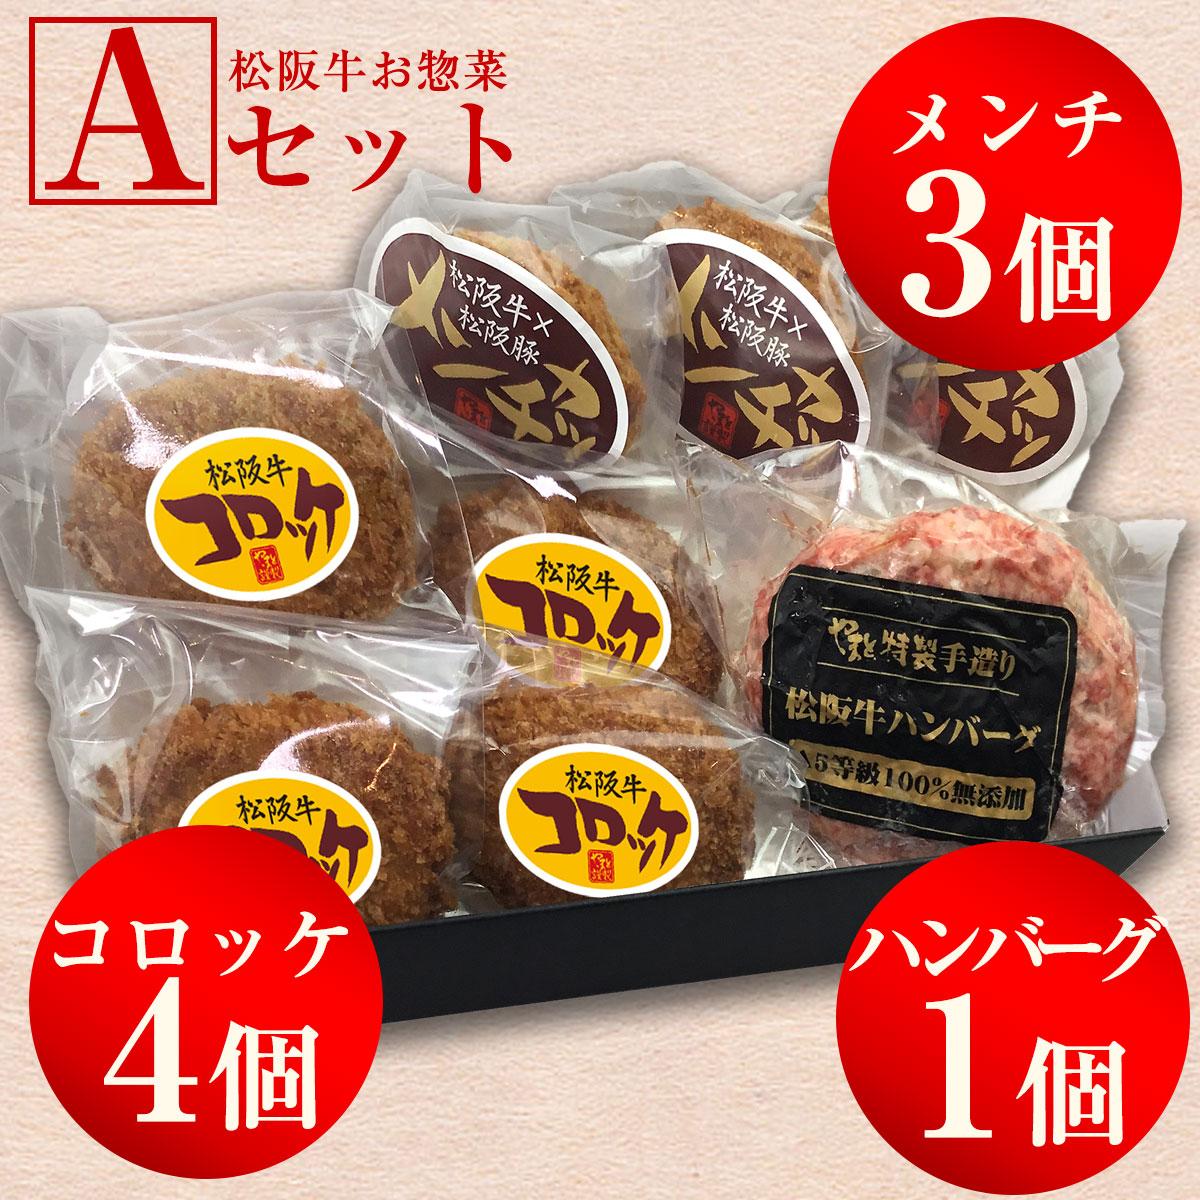 【出産祝い】松阪牛お惣菜デラックス Aセット